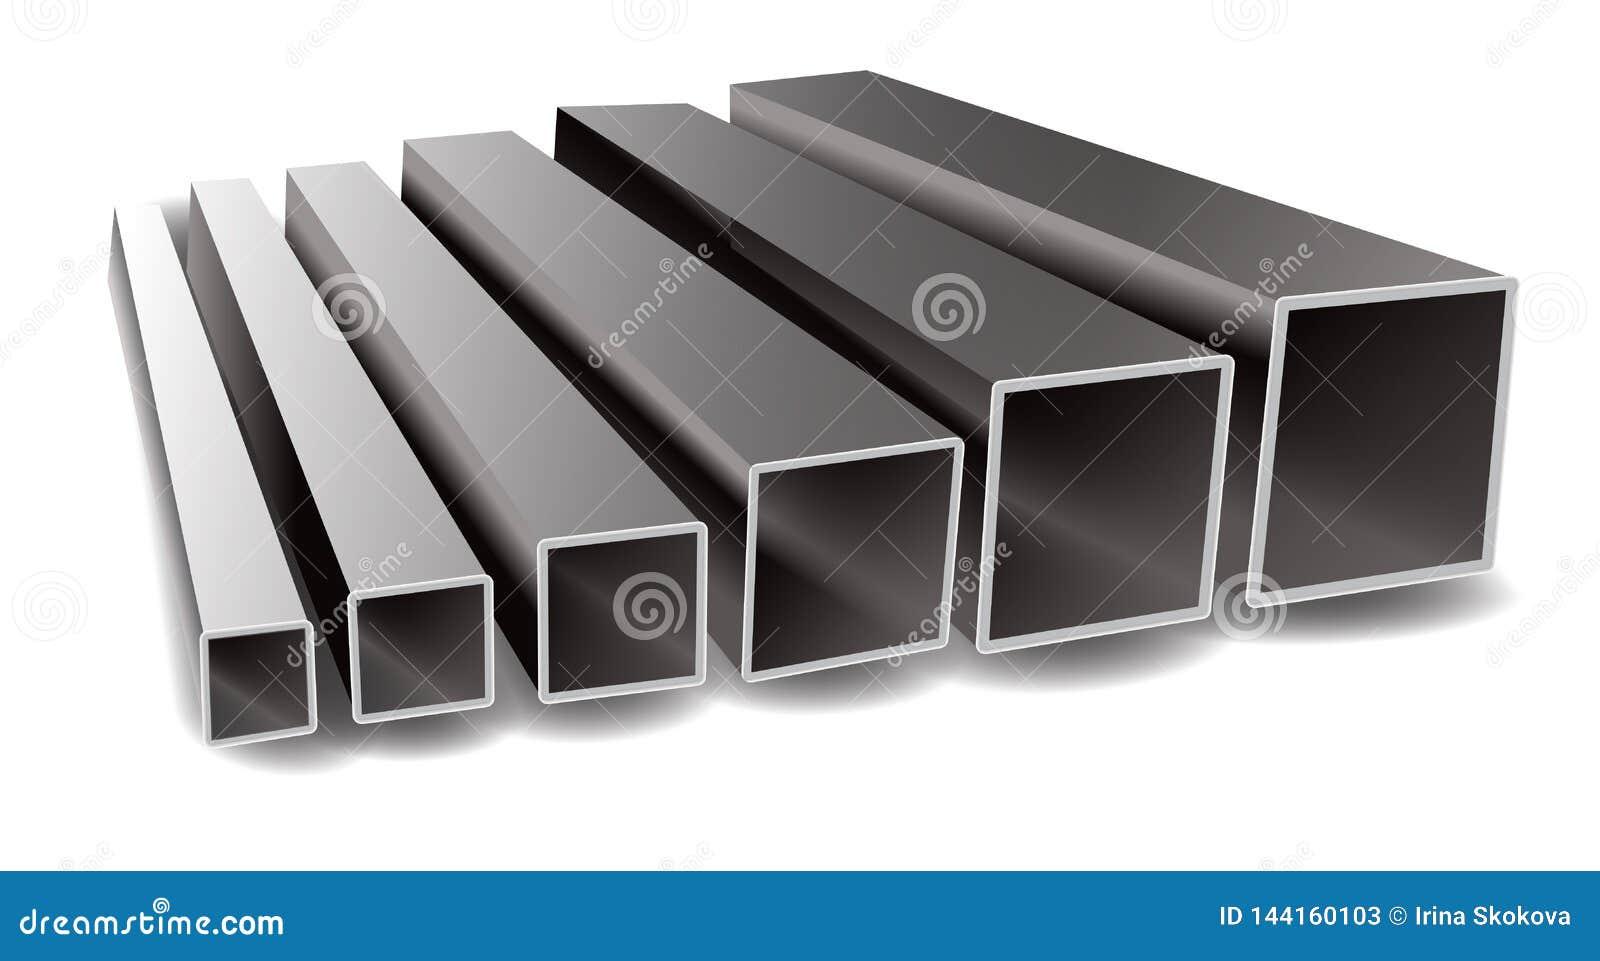 Vectorillustratie van ijzer vierkante buizen op een witte achtergrond